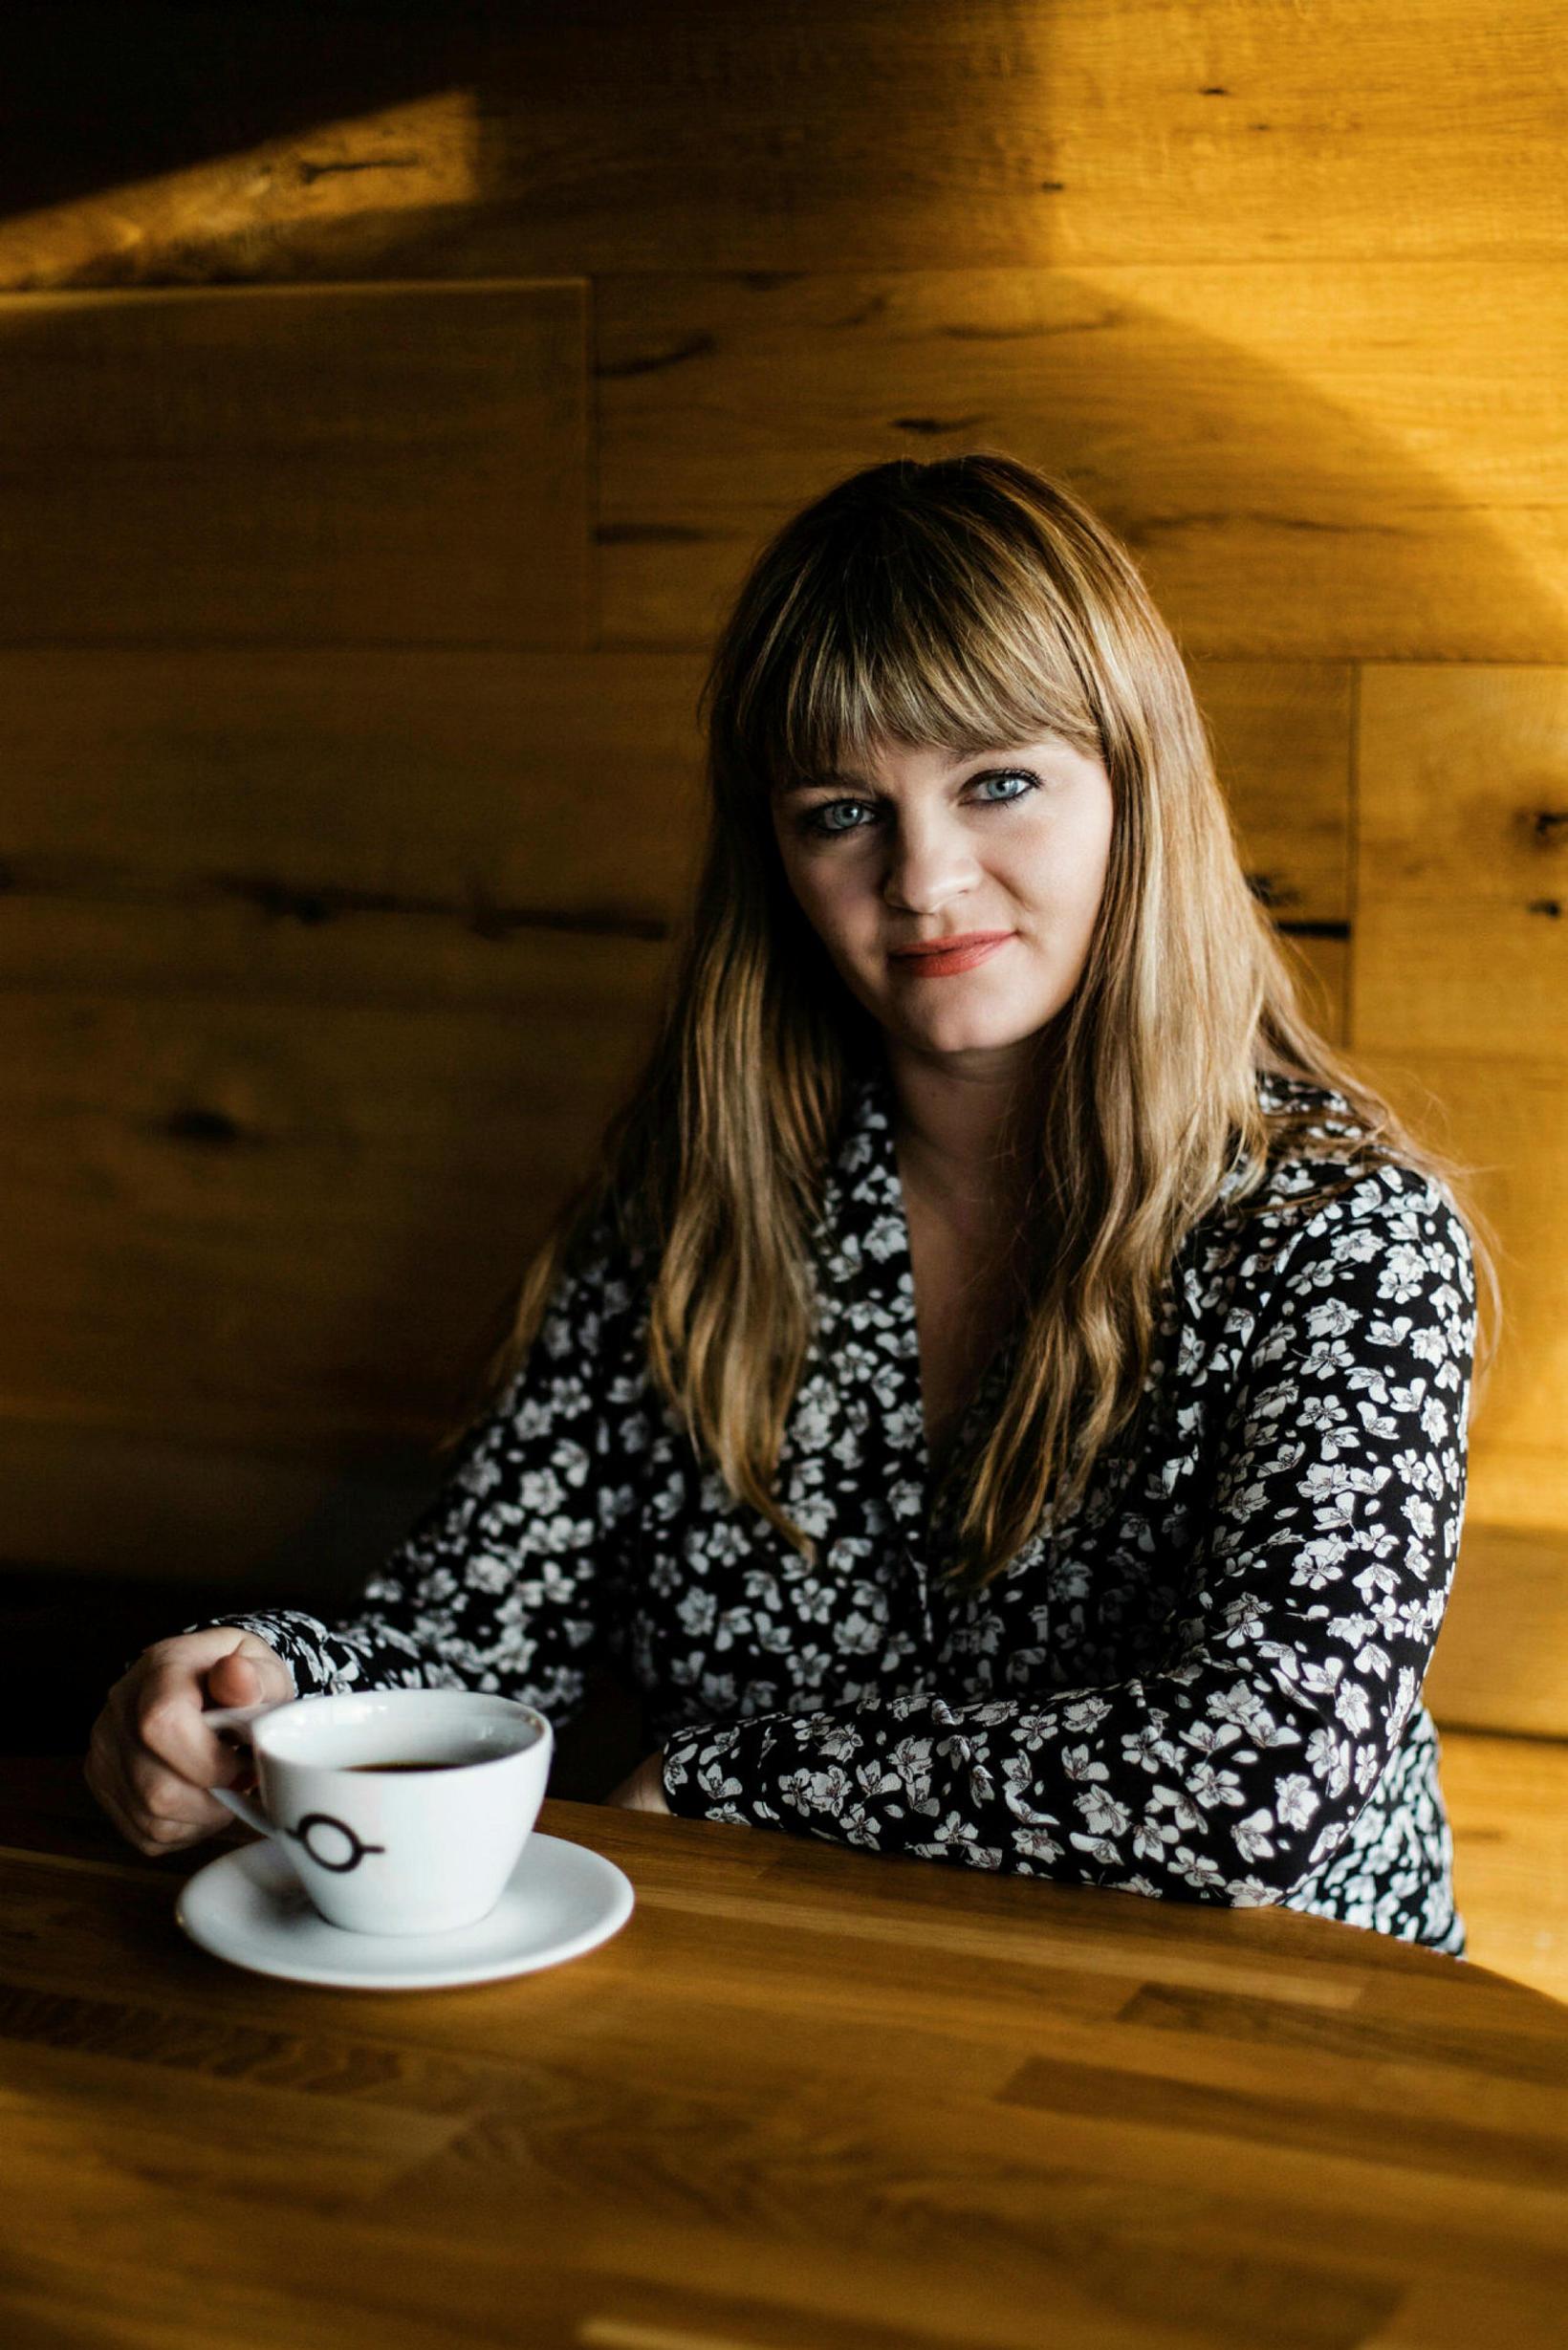 Ása Ottesen, markaðsstjóri Te & kaffi.